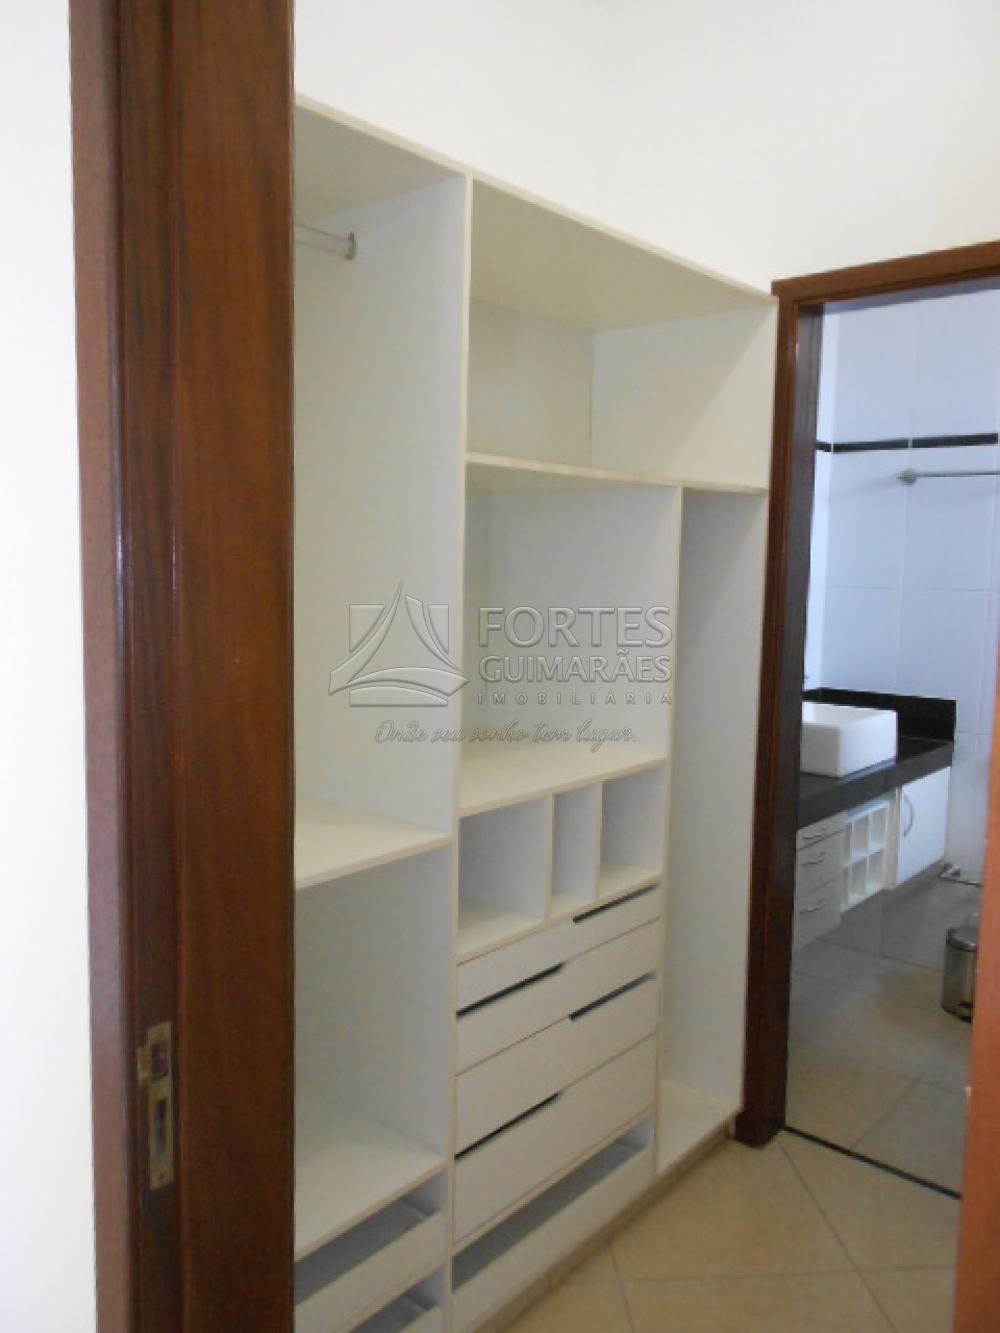 Alugar Casas / Padrão em Ribeirão Preto apenas R$ 3.500,00 - Foto 47